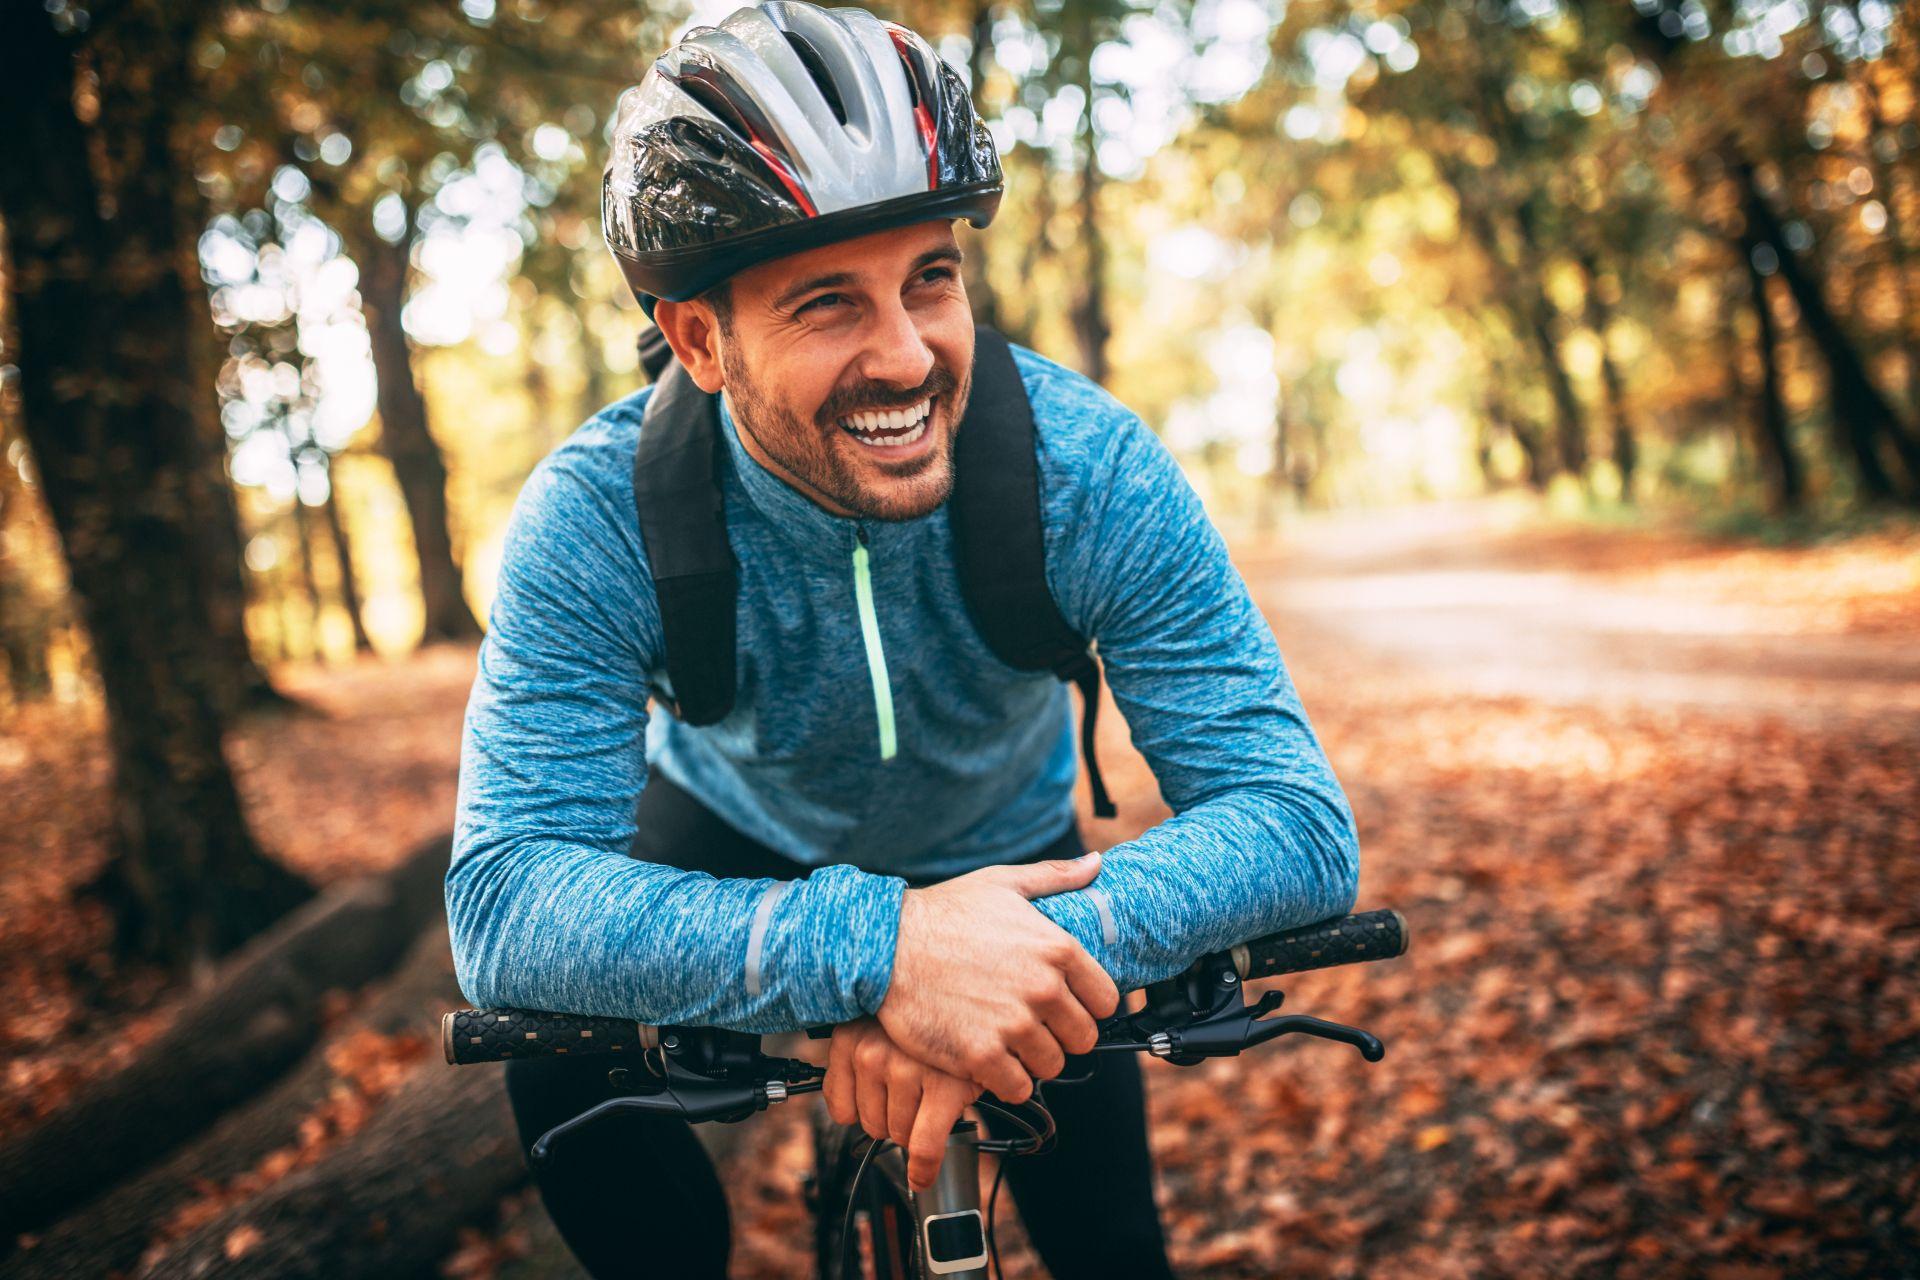 Umiarkowana aktywność fizyczna i ćwiczenia dla początkujących bez kondycji powinna iść w parze ze zdrową i zbilansowaną dietą, bogatą w składniki wspierające odporność i wzmacniające kości oraz stawy - witamina K i D.